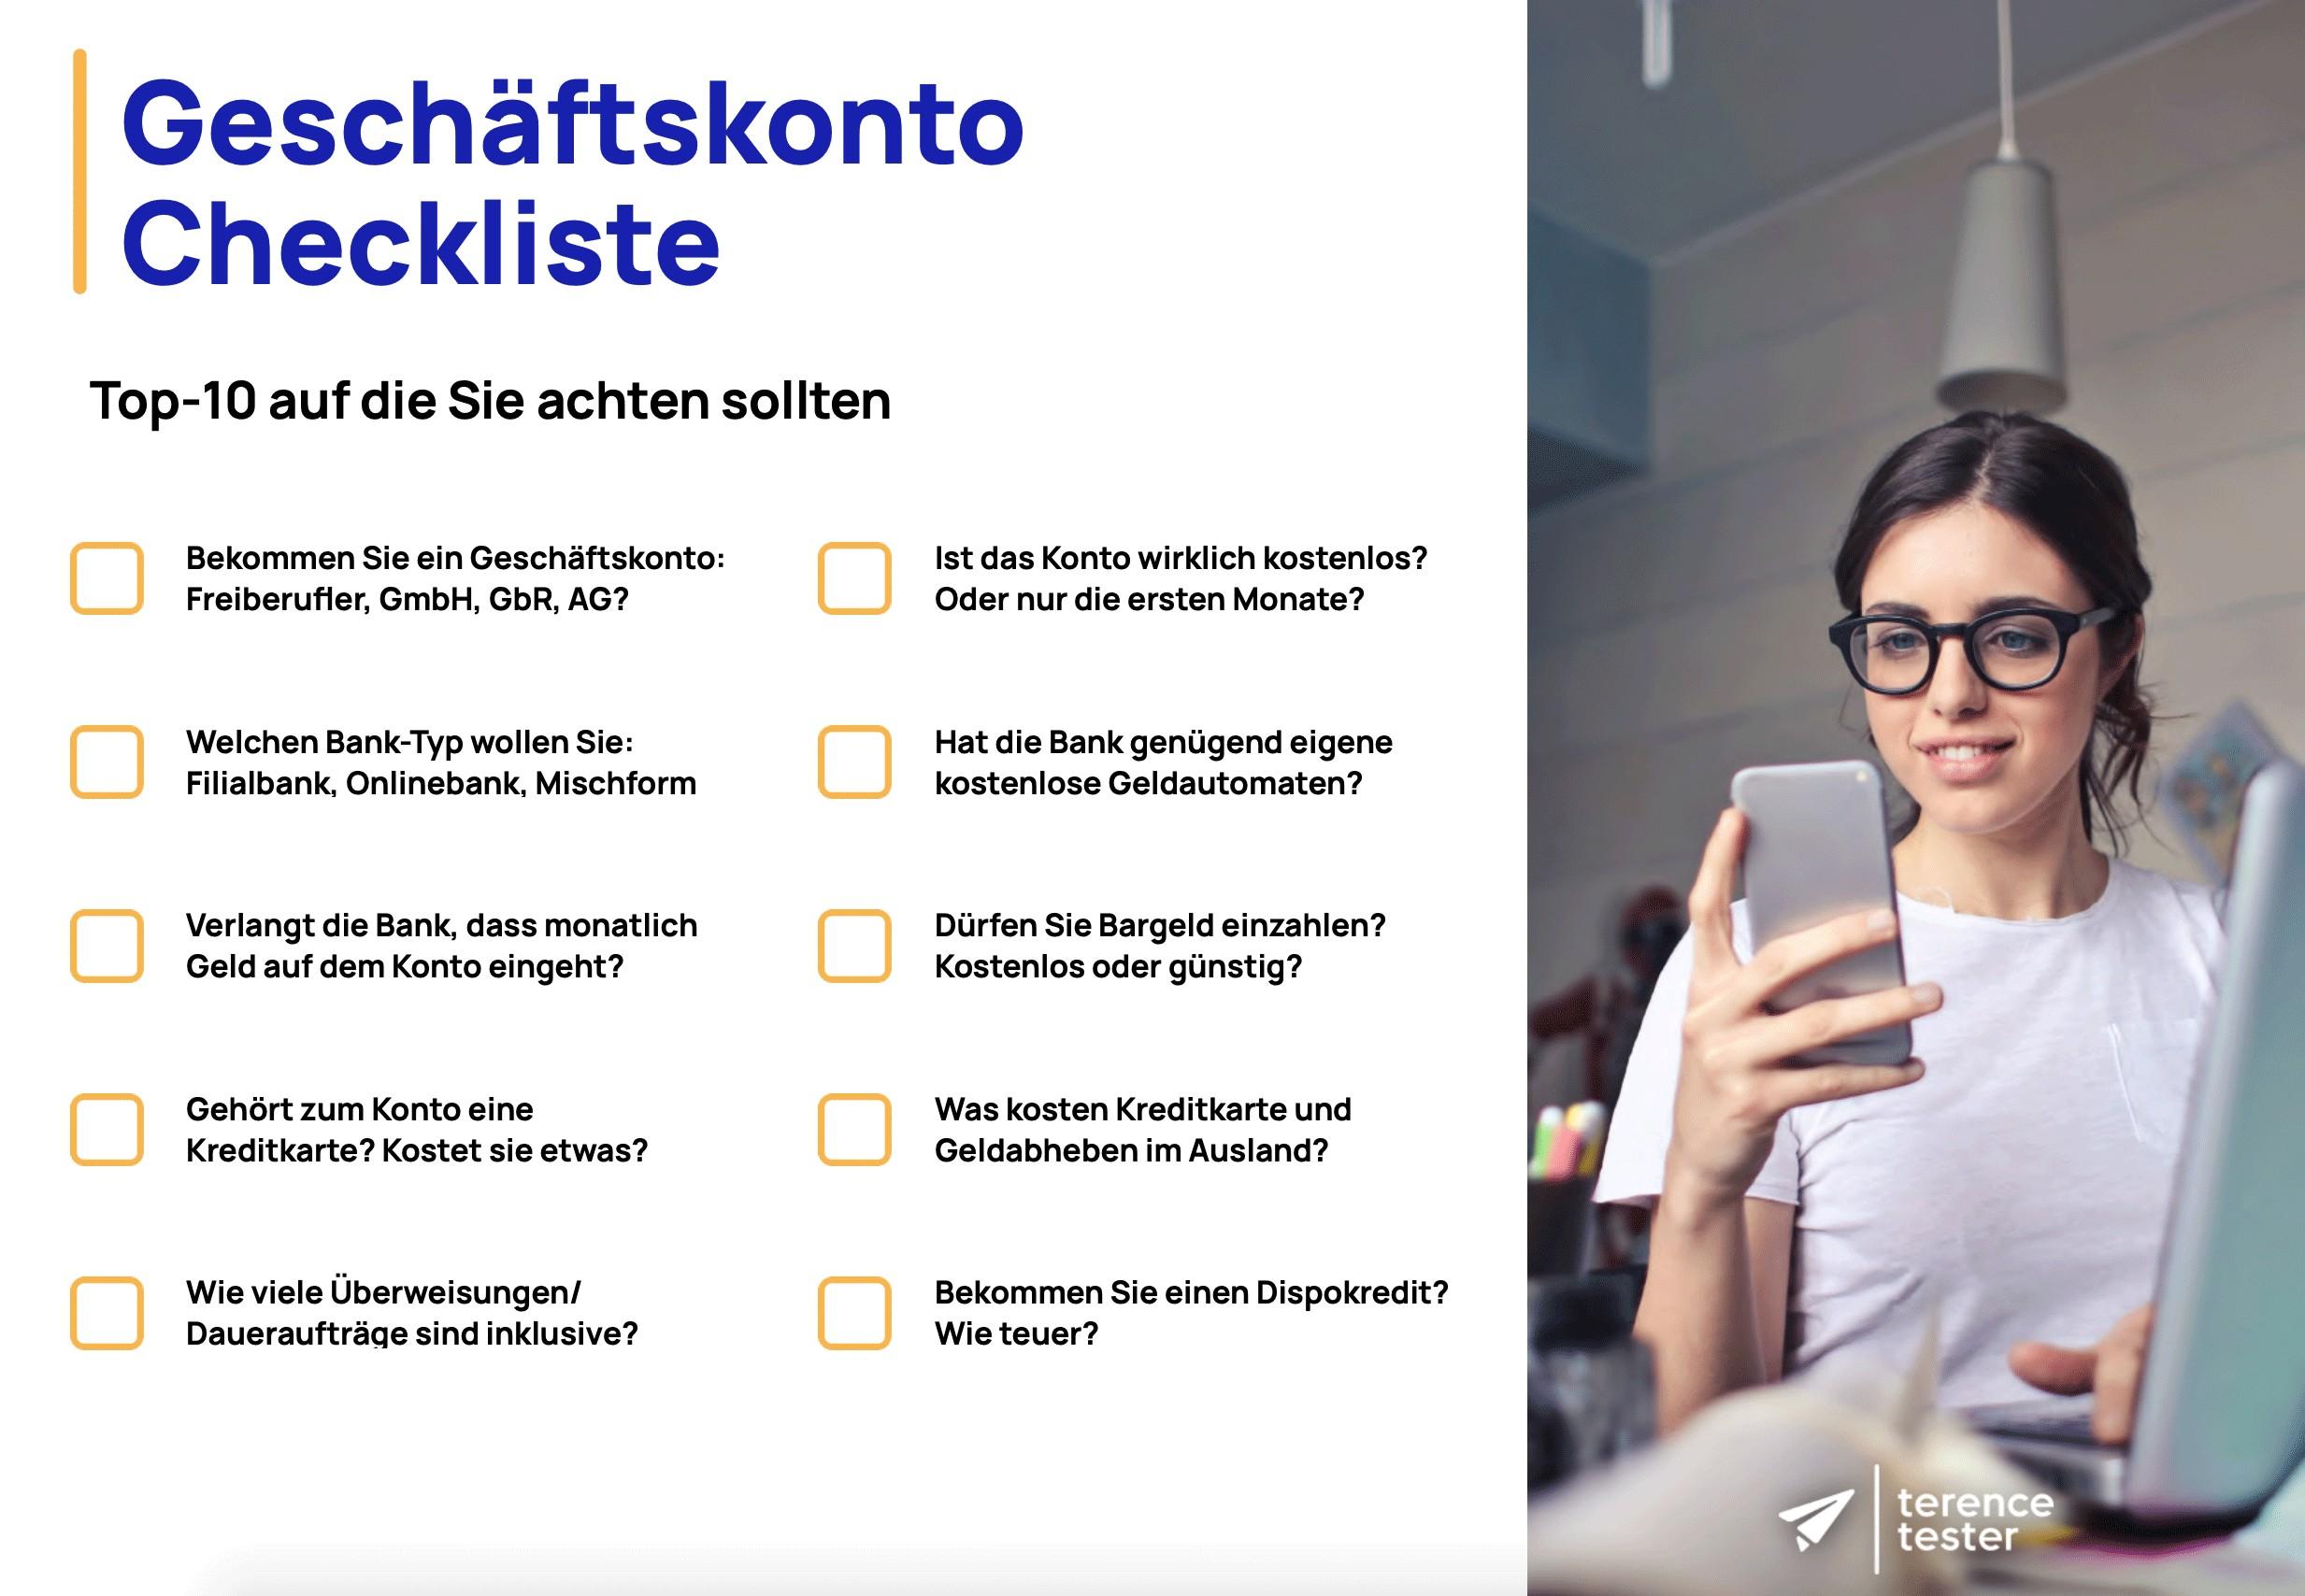 geschaeftskonto checkliste